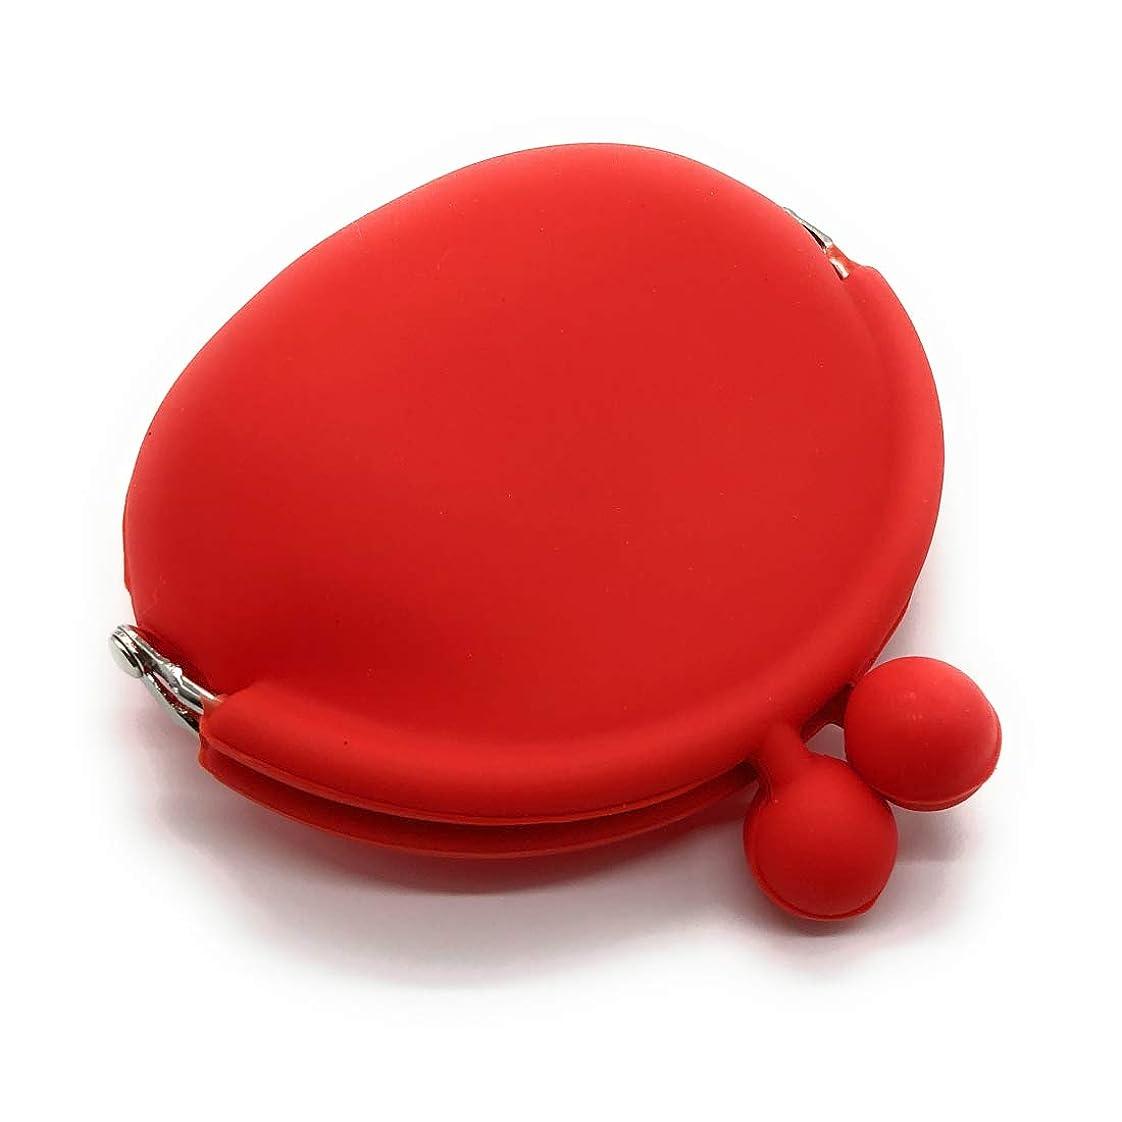 不良品記述するハチA-CRAFT シリコン 小物入れ がま口 財布 ポーチ 小銭入れ アクセサリー 収納 カラー多数 (レッド)